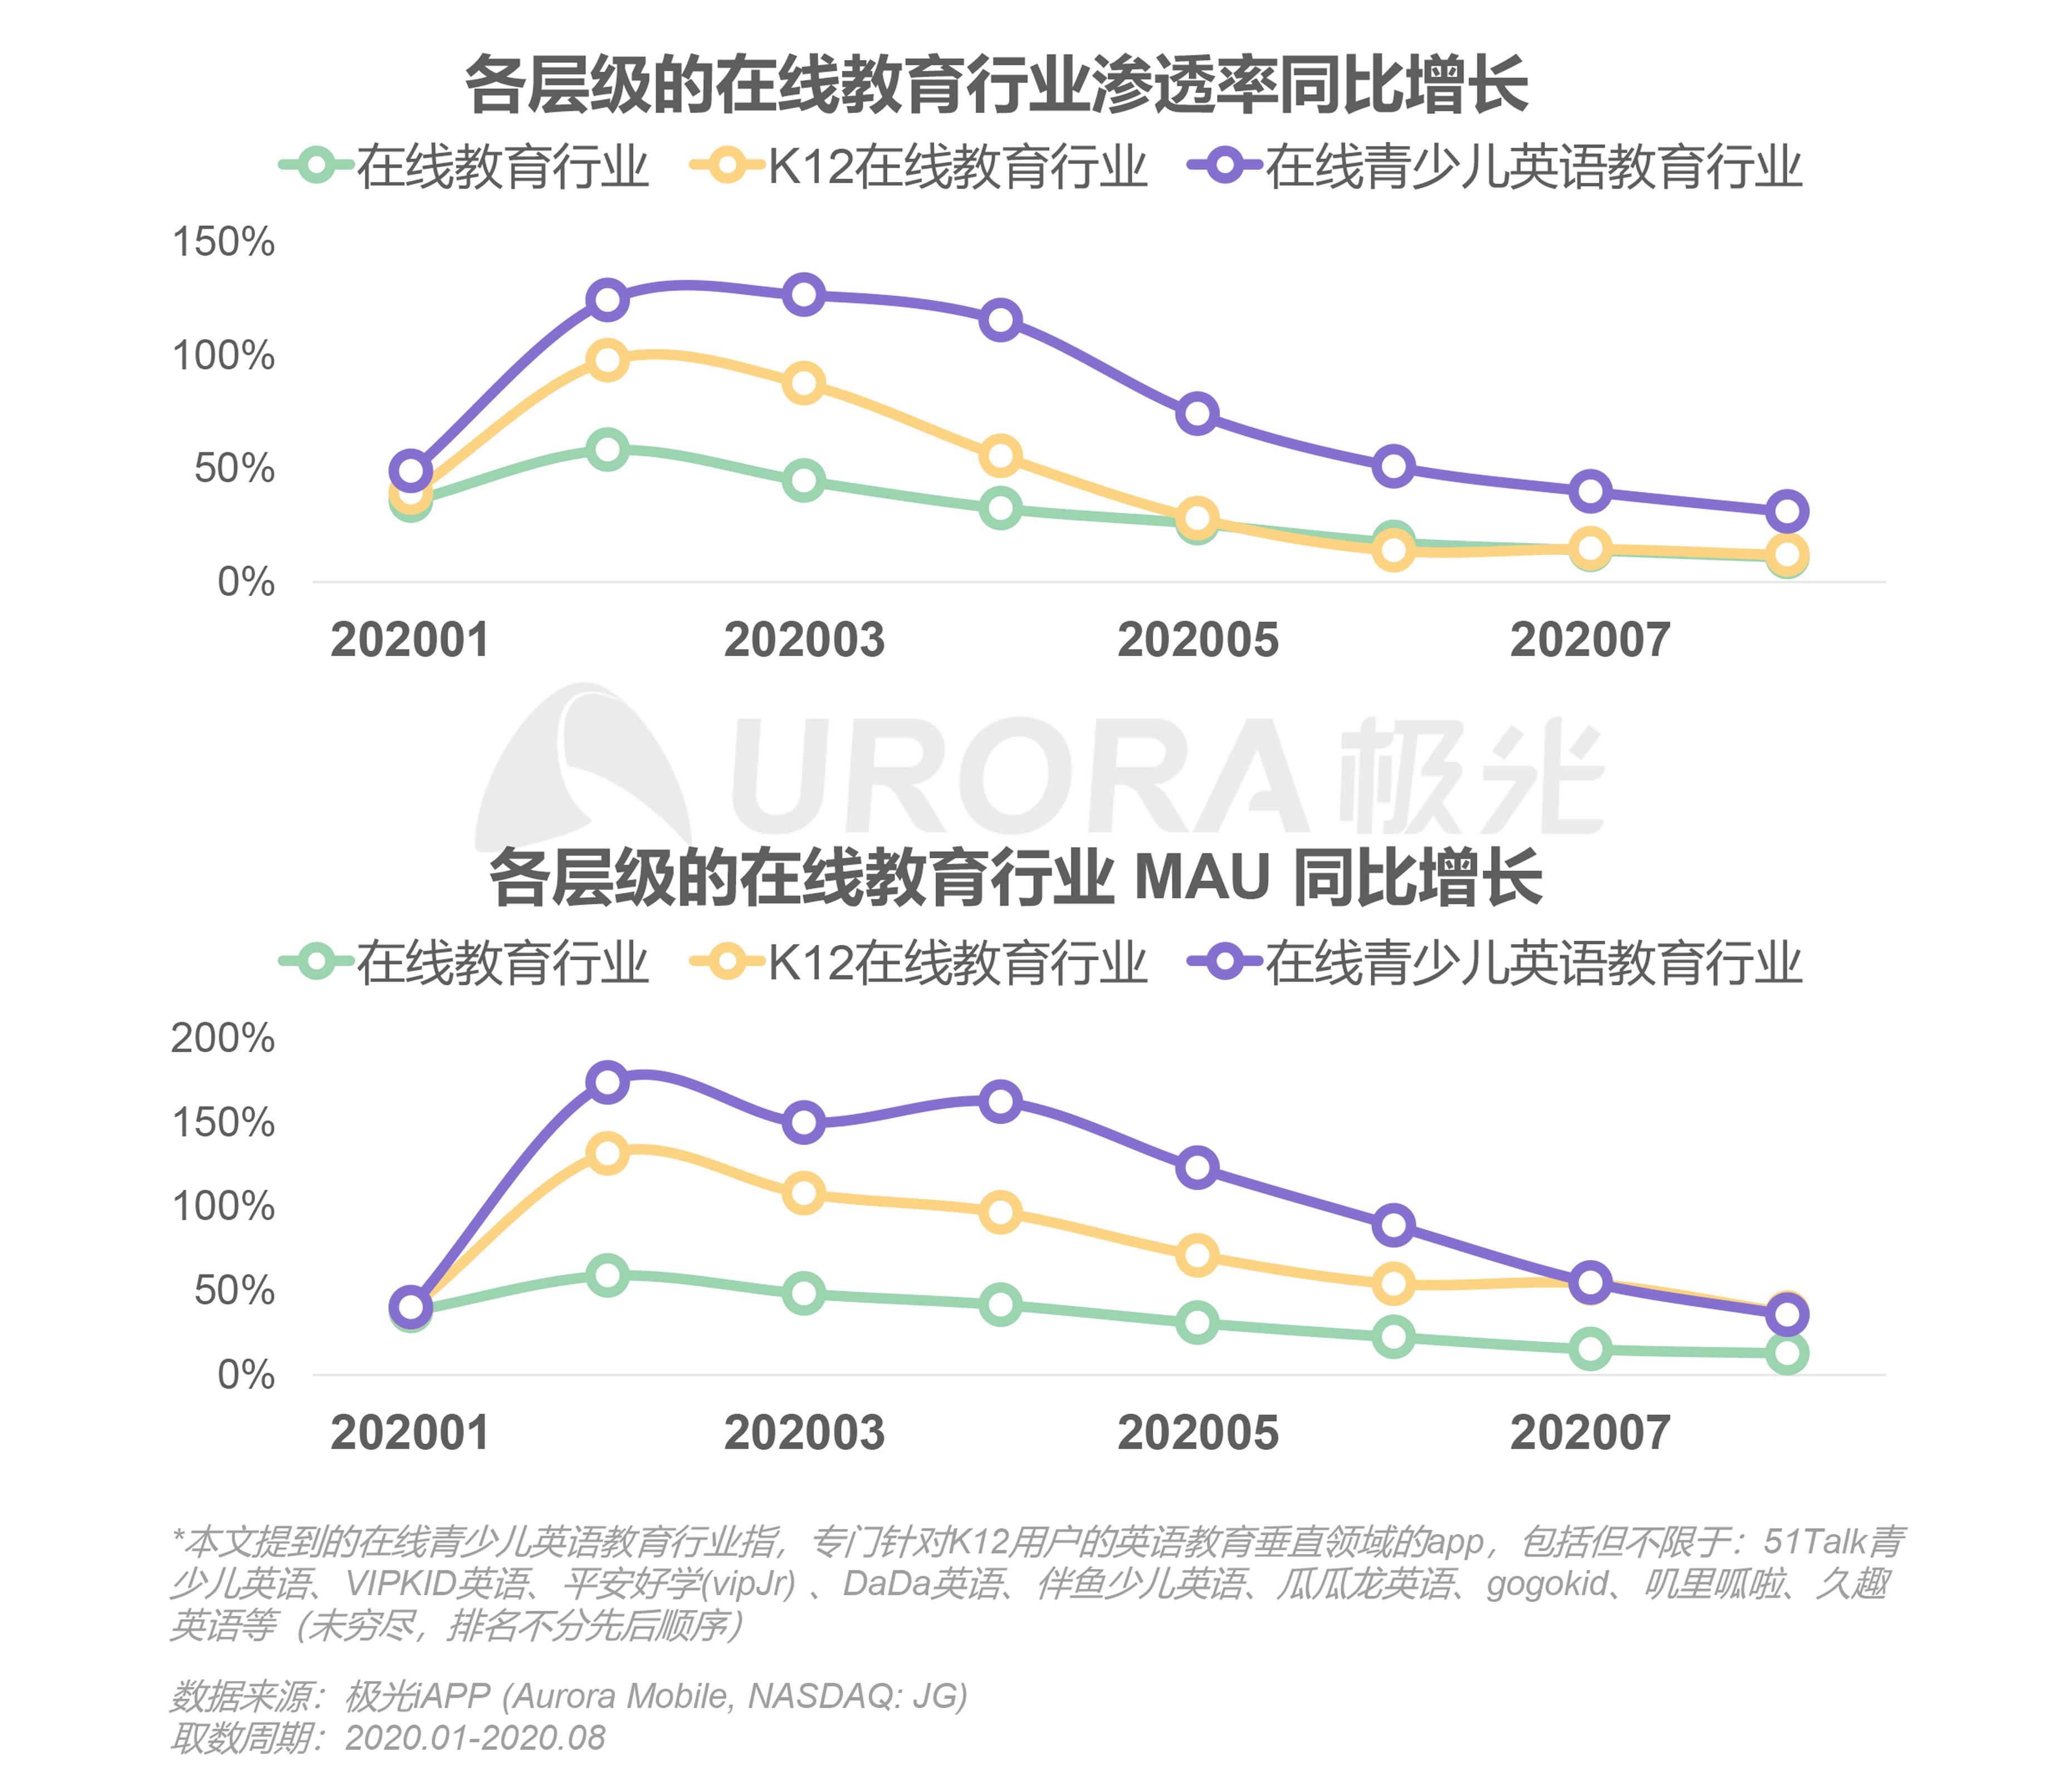 极光:中国在线青少儿英语教育行业研究报告 (6).png